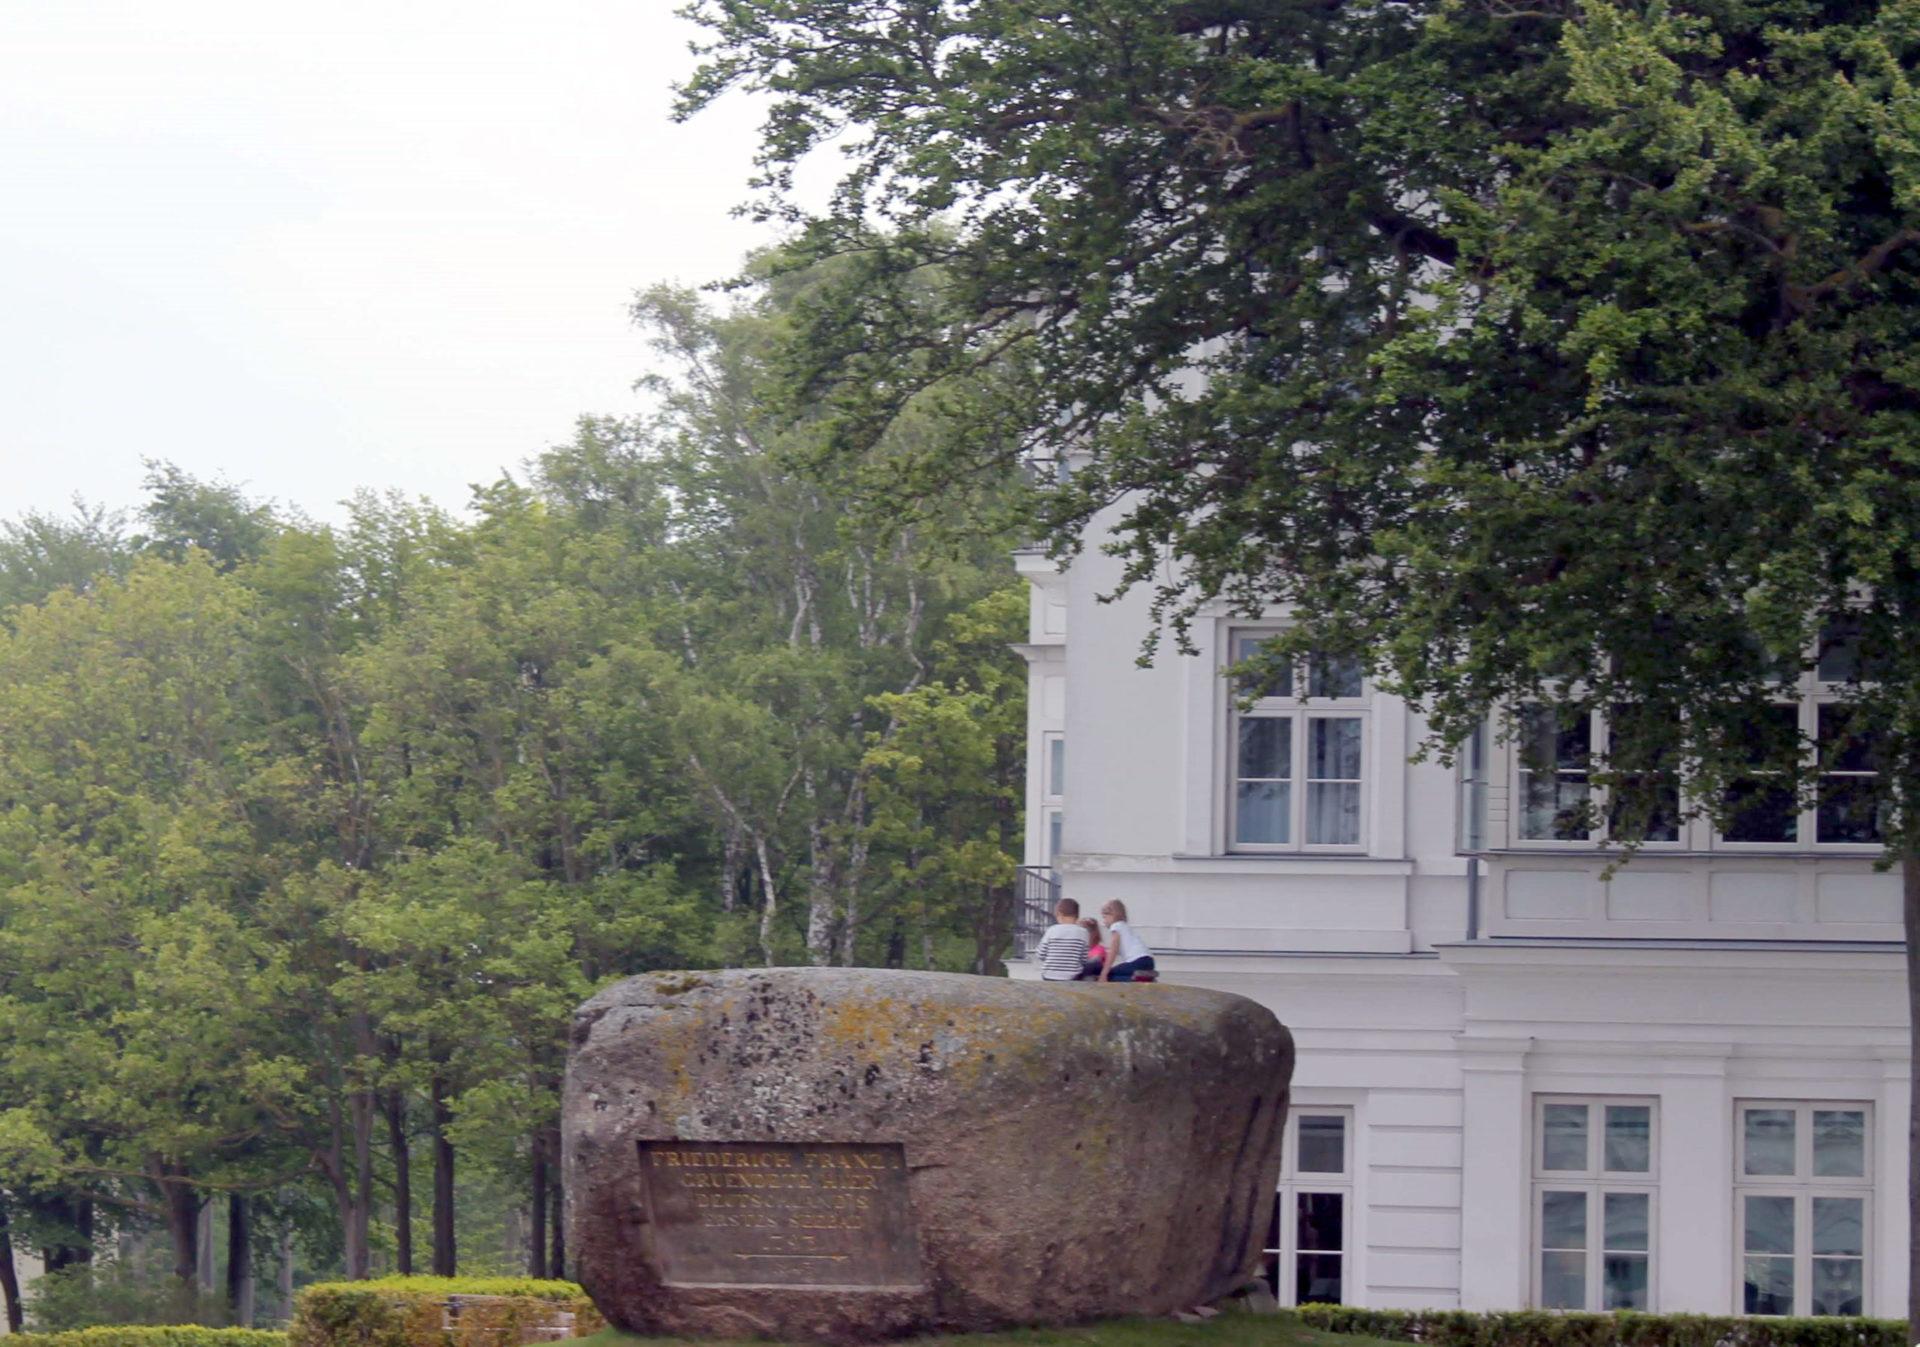 Kinder auf dem Gedenkstein in Heiligendamm